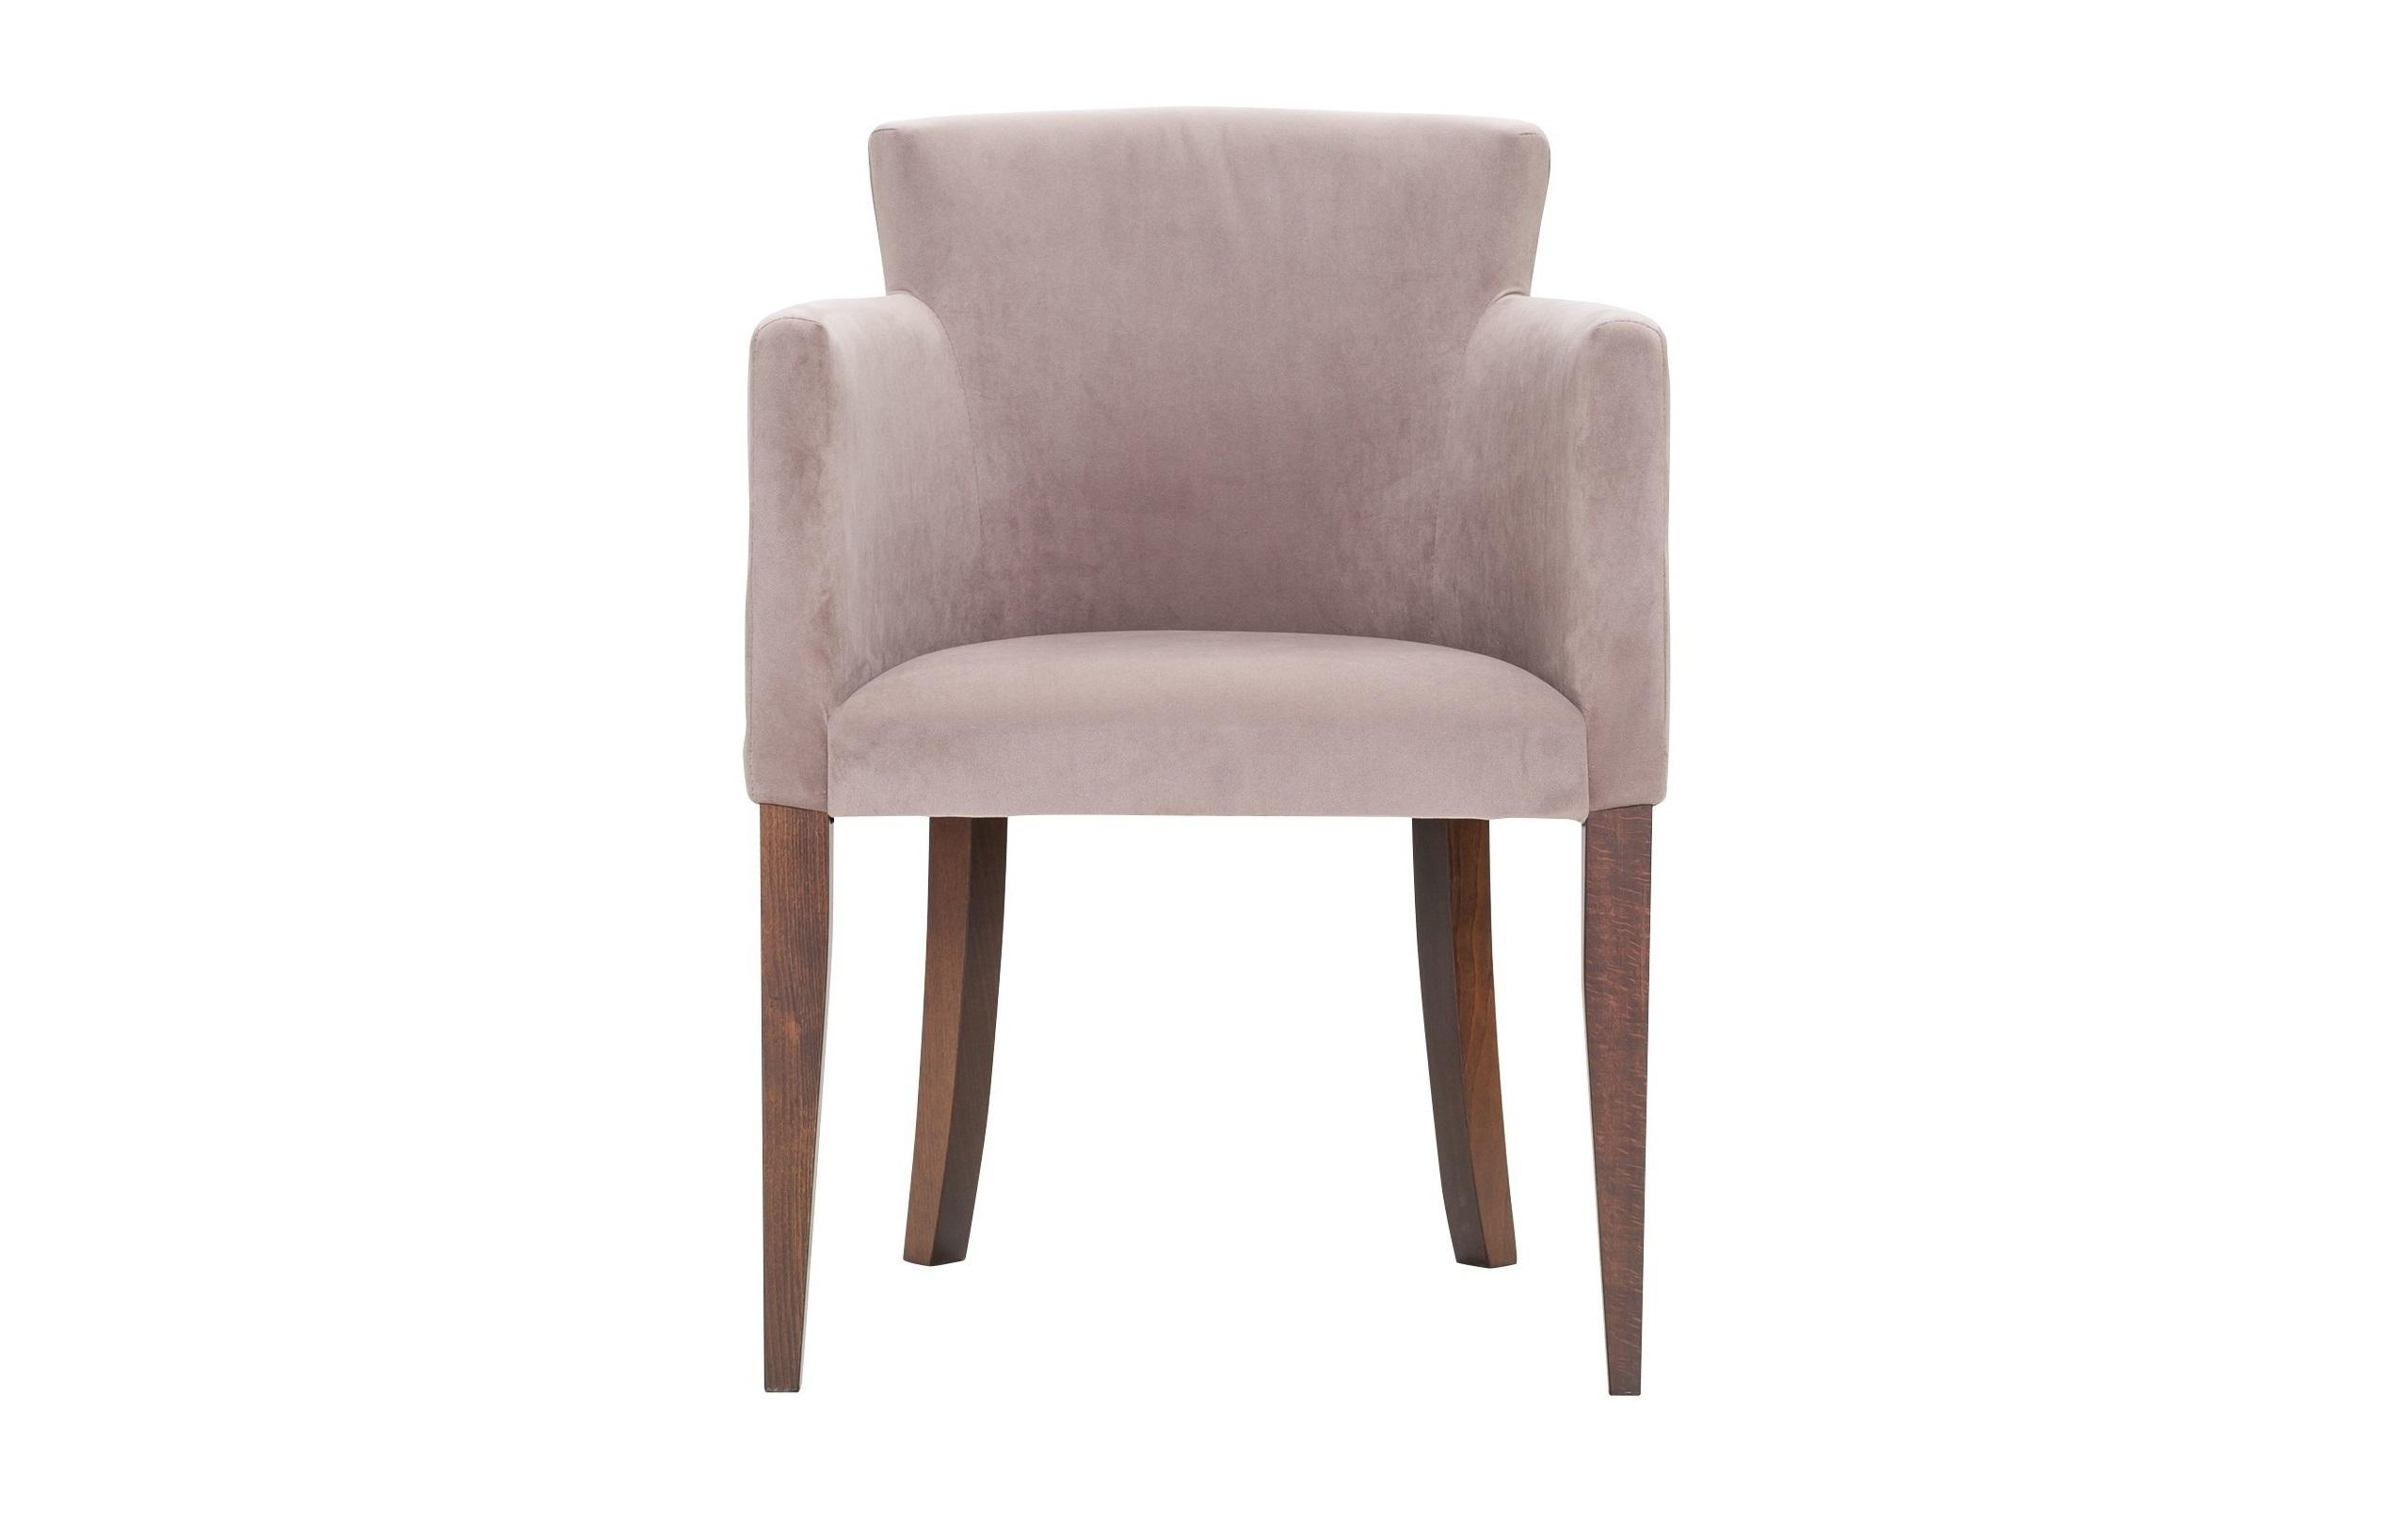 Кресло AronПолукресла<br>&amp;lt;div&amp;gt;&amp;lt;div&amp;gt;Универсальное кресло из экологичных материалов, которое подойдет для обстановки современных или классических интерьеров.&amp;lt;/div&amp;gt;&amp;lt;div&amp;gt;&amp;lt;br&amp;gt;&amp;lt;/div&amp;gt;&amp;lt;div&amp;gt;Высота до сидения: 46 см.&amp;lt;/div&amp;gt;&amp;lt;/div&amp;gt;&amp;lt;div&amp;gt;&amp;lt;div style=&amp;quot;font-size: 14px;&amp;quot;&amp;gt;&amp;lt;/div&amp;gt;&amp;lt;/div&amp;gt;<br><br>Material: Велюр<br>Ширина см: 56<br>Высота см: 81<br>Глубина см: 58